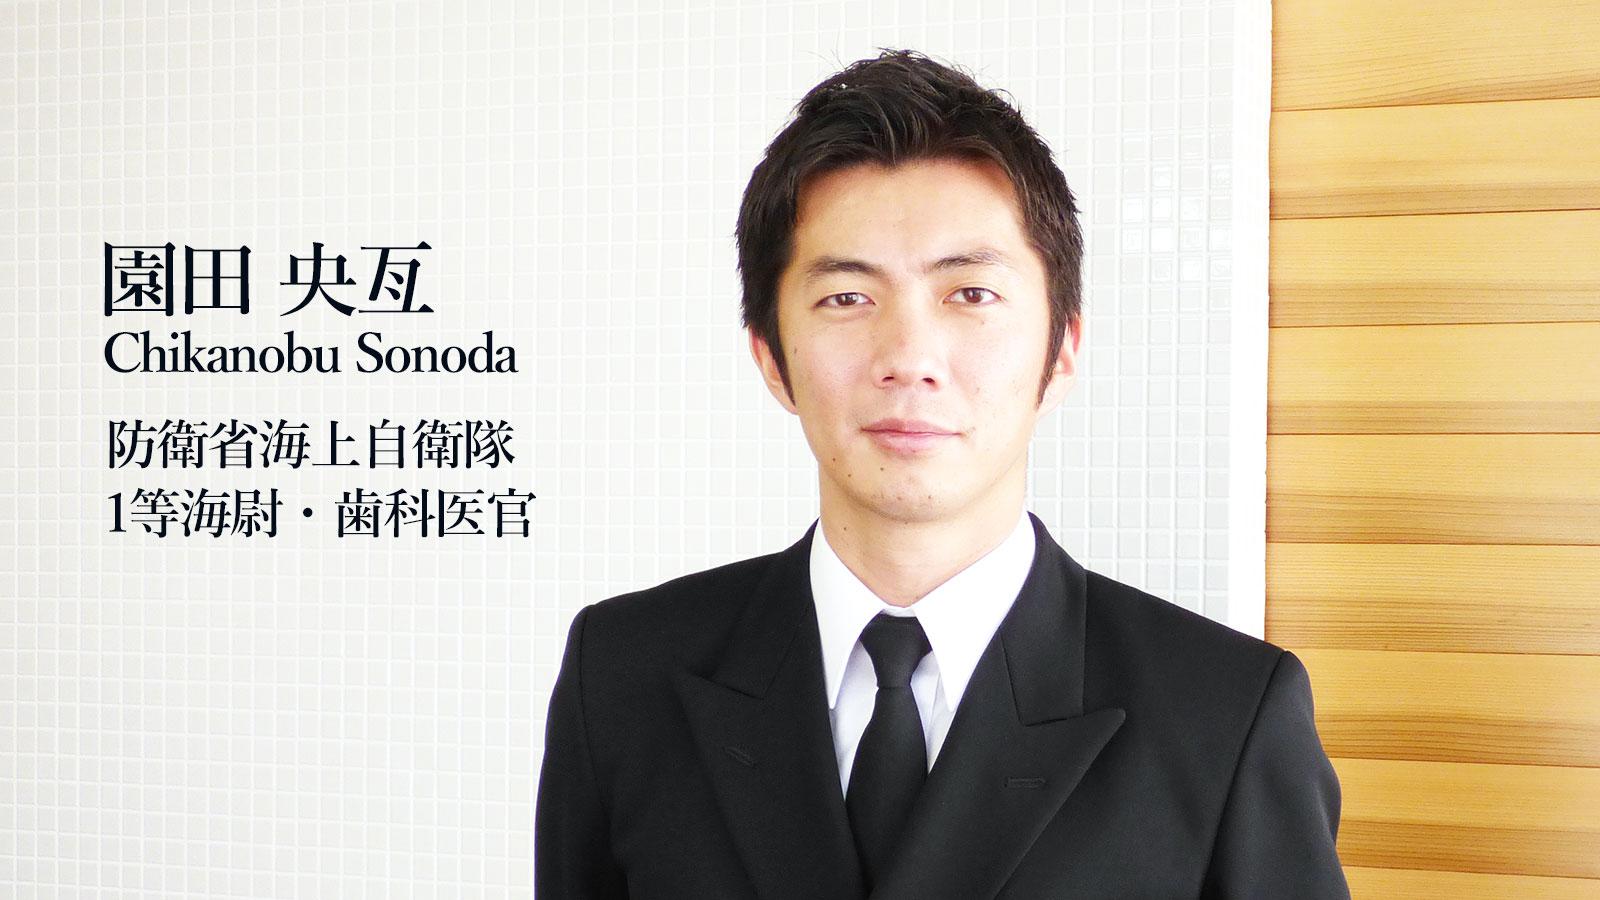 園田央亙先生『自衛隊歯科医官として国家に貢献する』の画像です